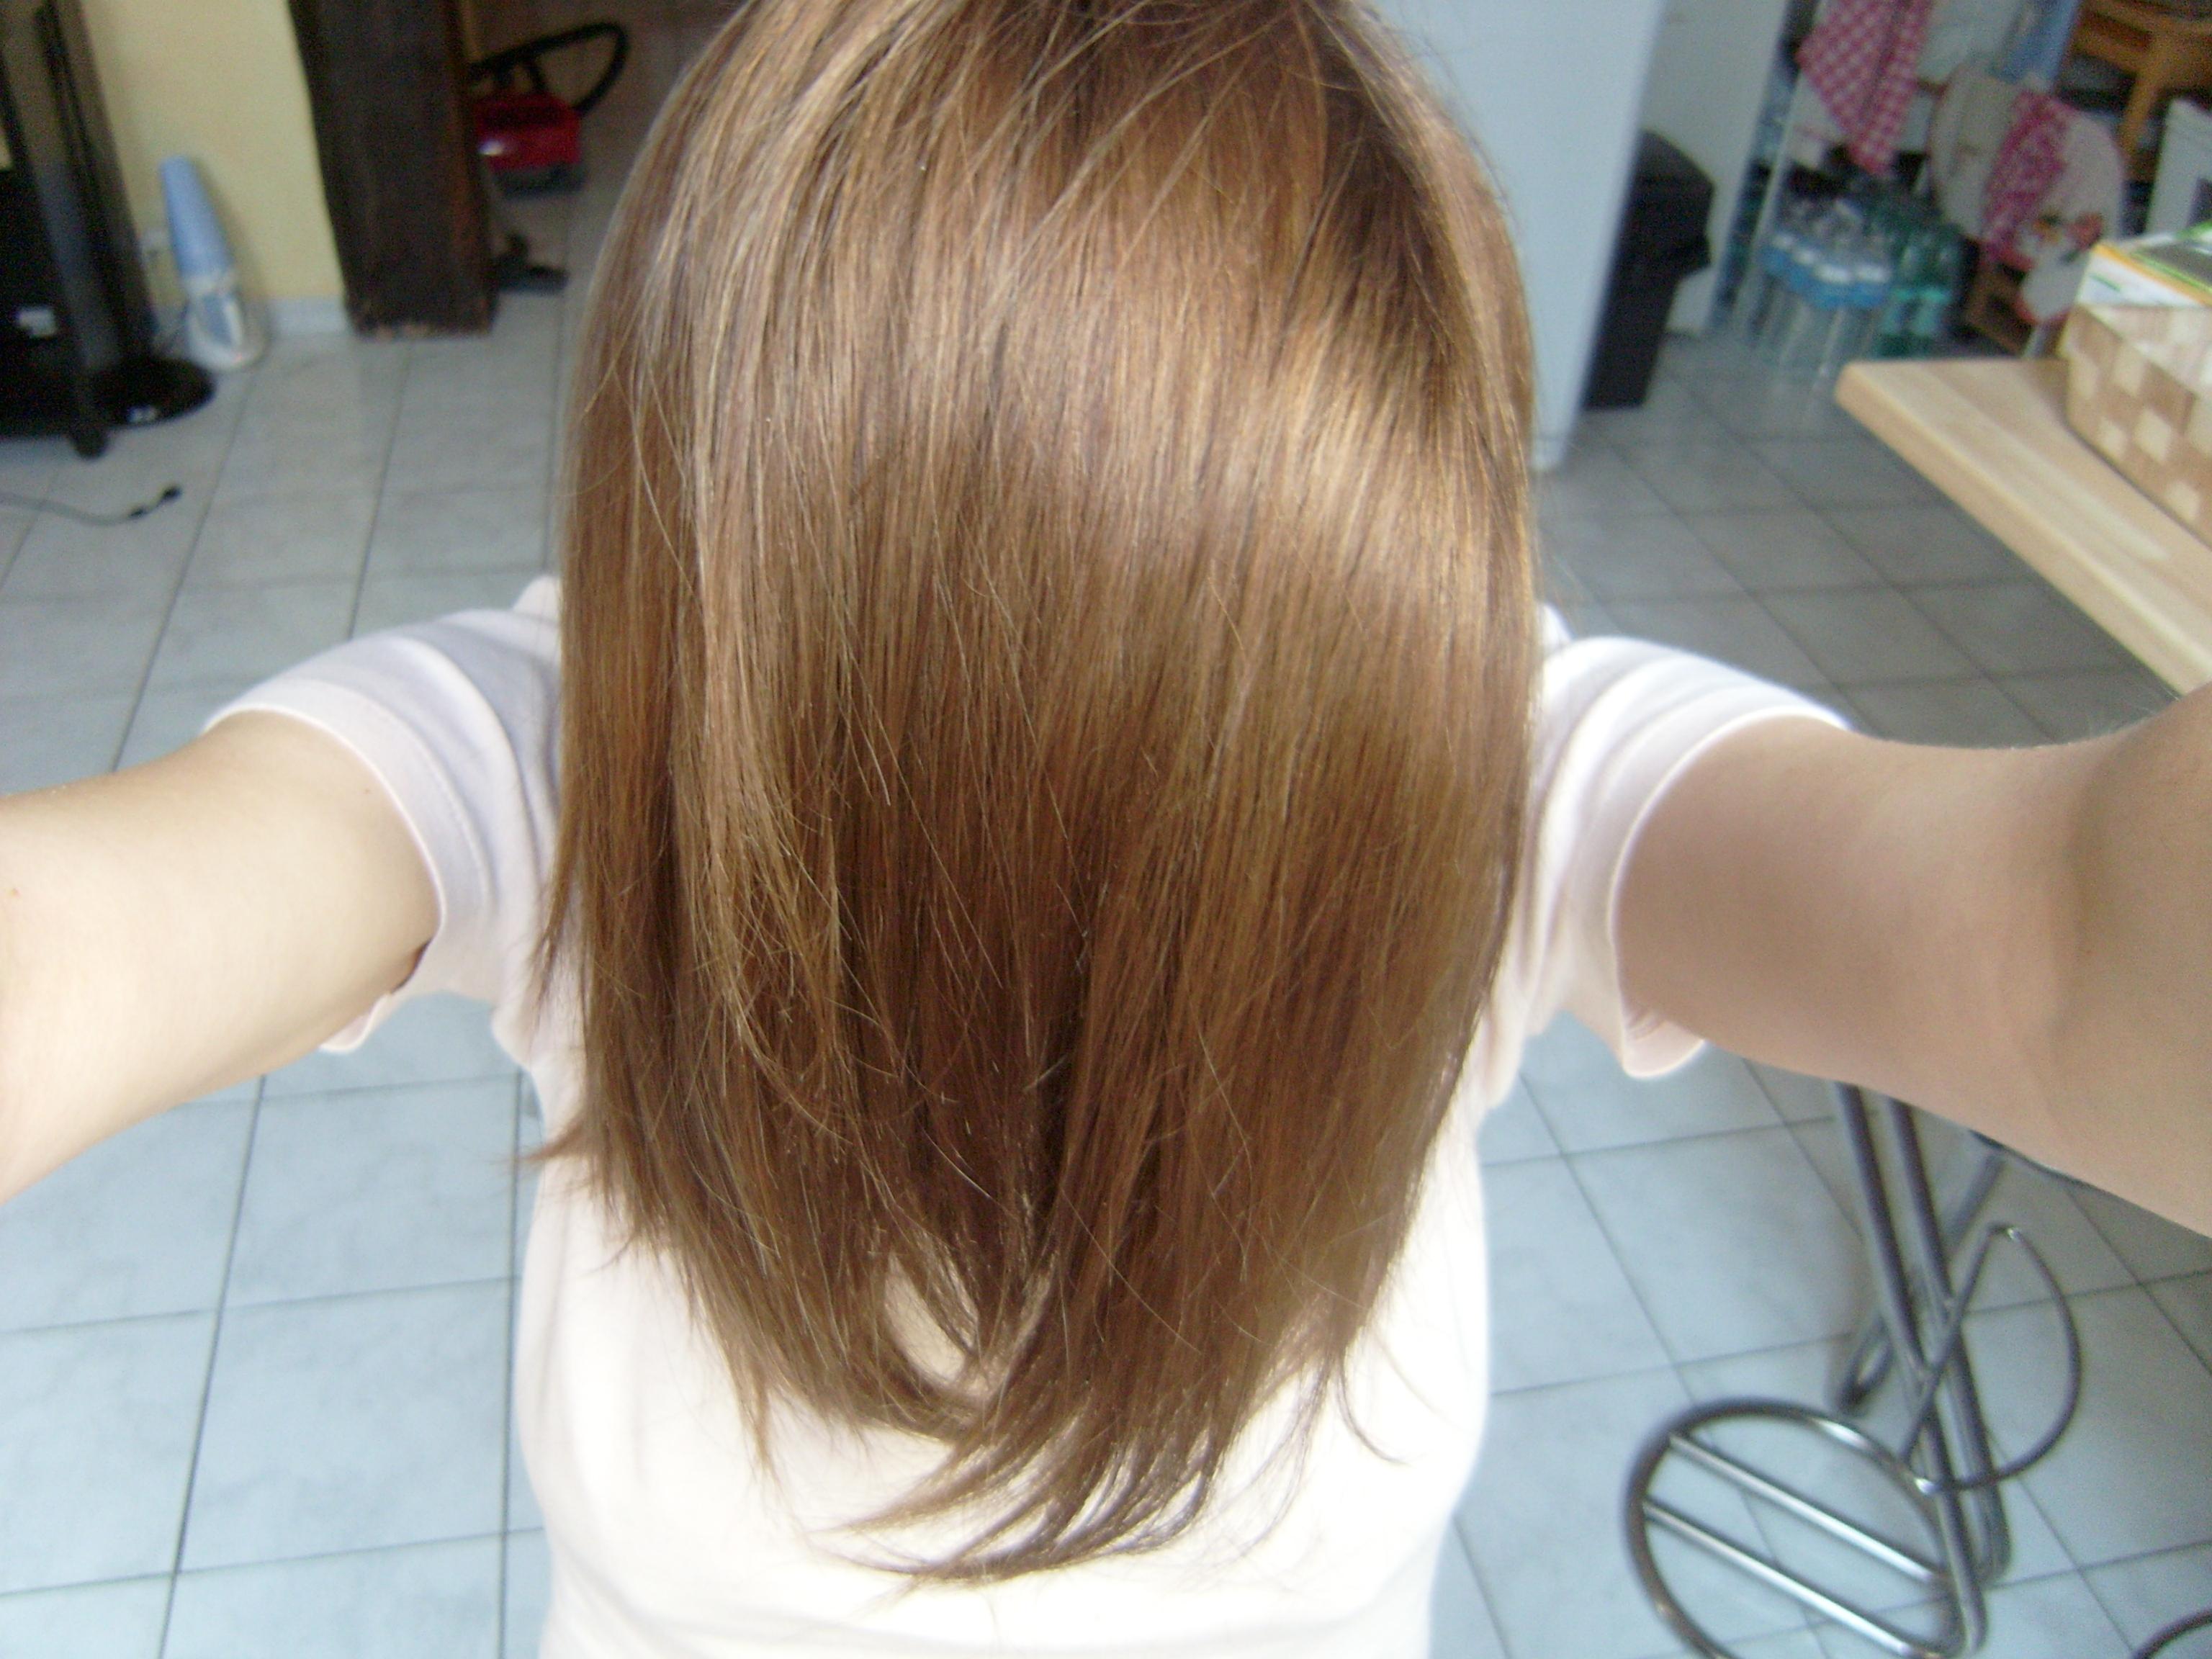 Couleur cheveux 7 32